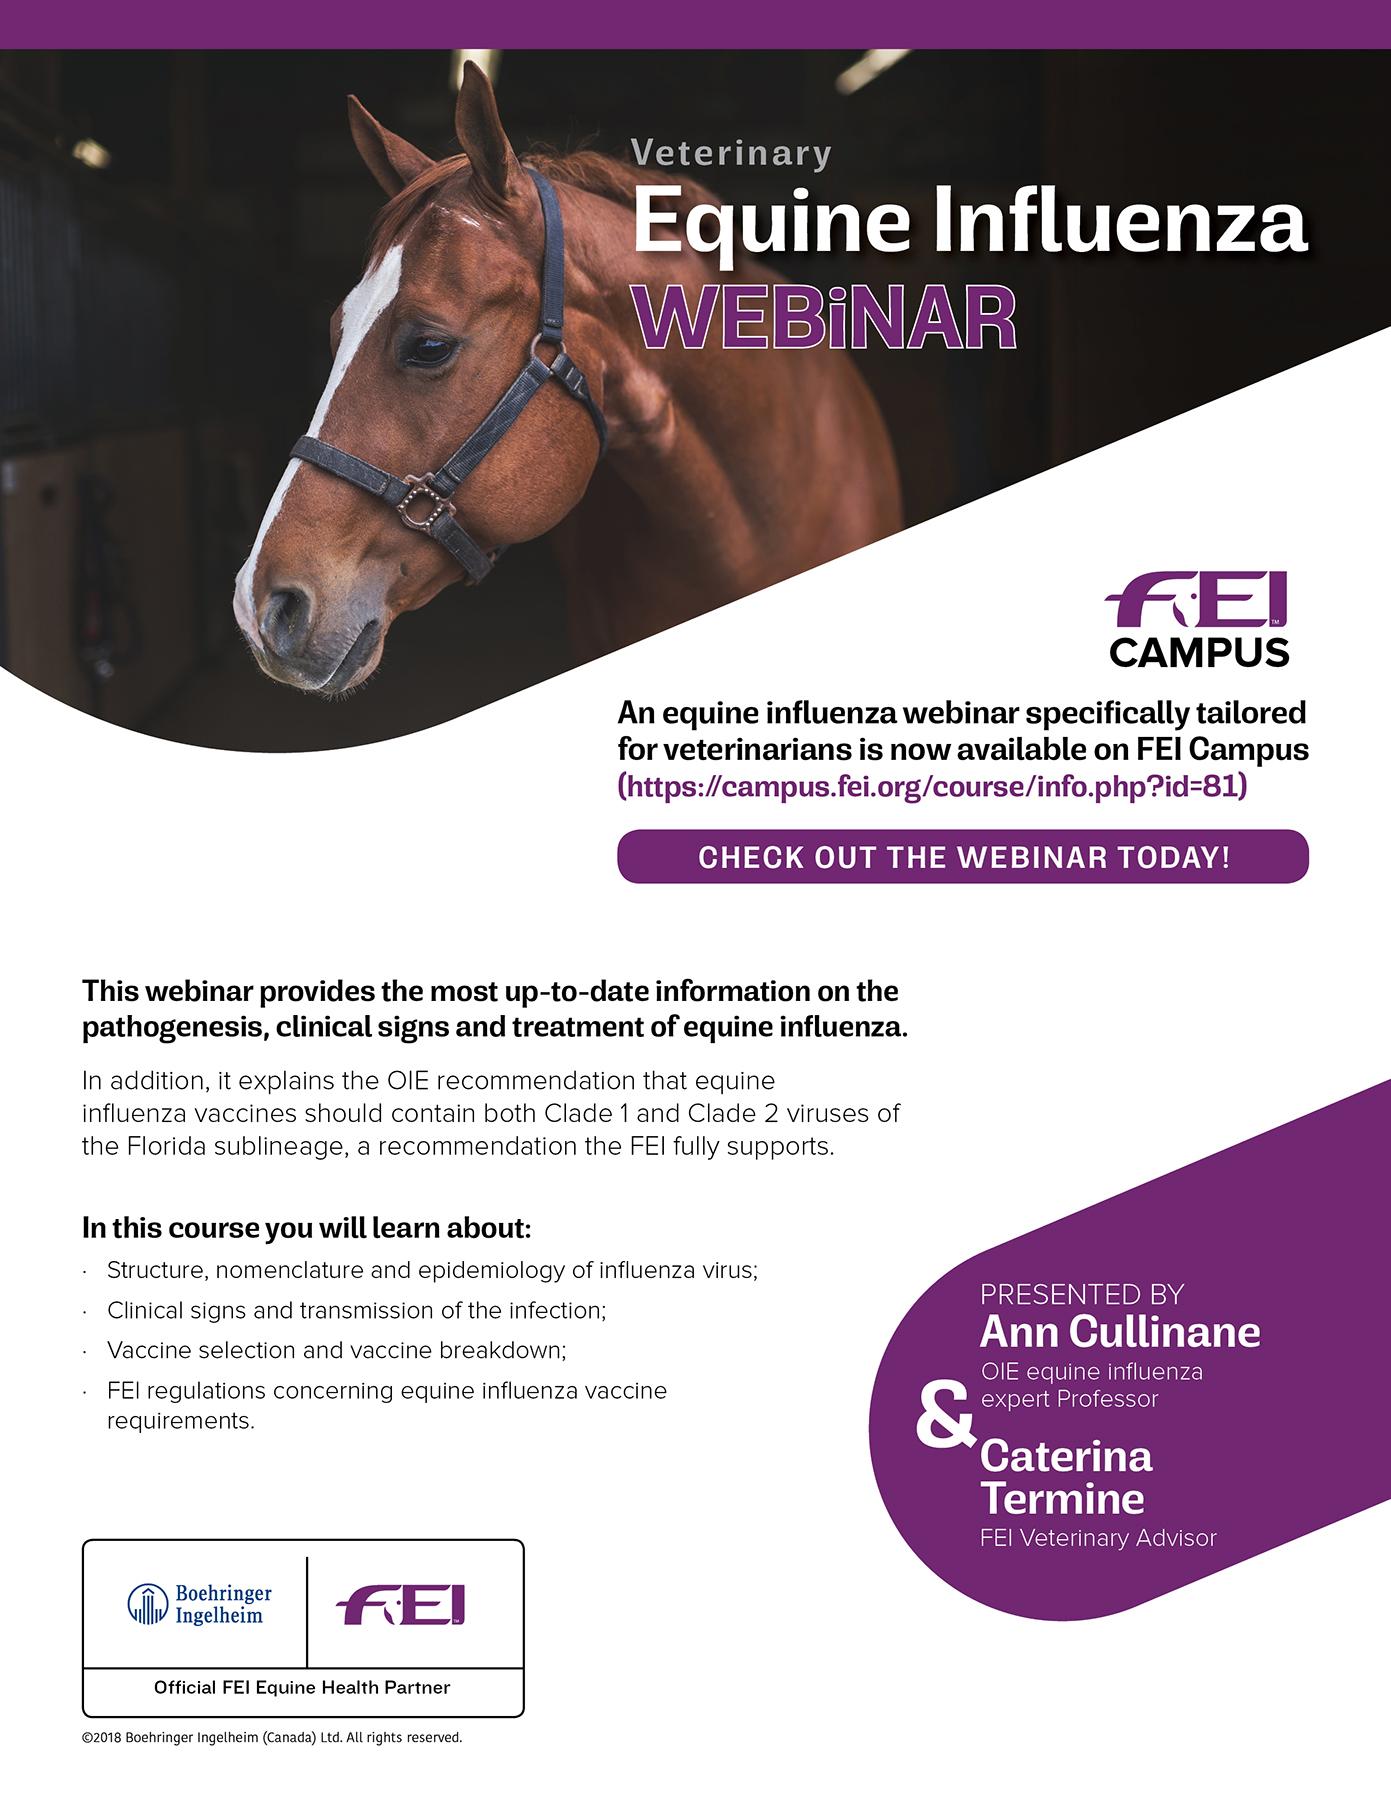 Equine Influenza Vet Webinar FEI